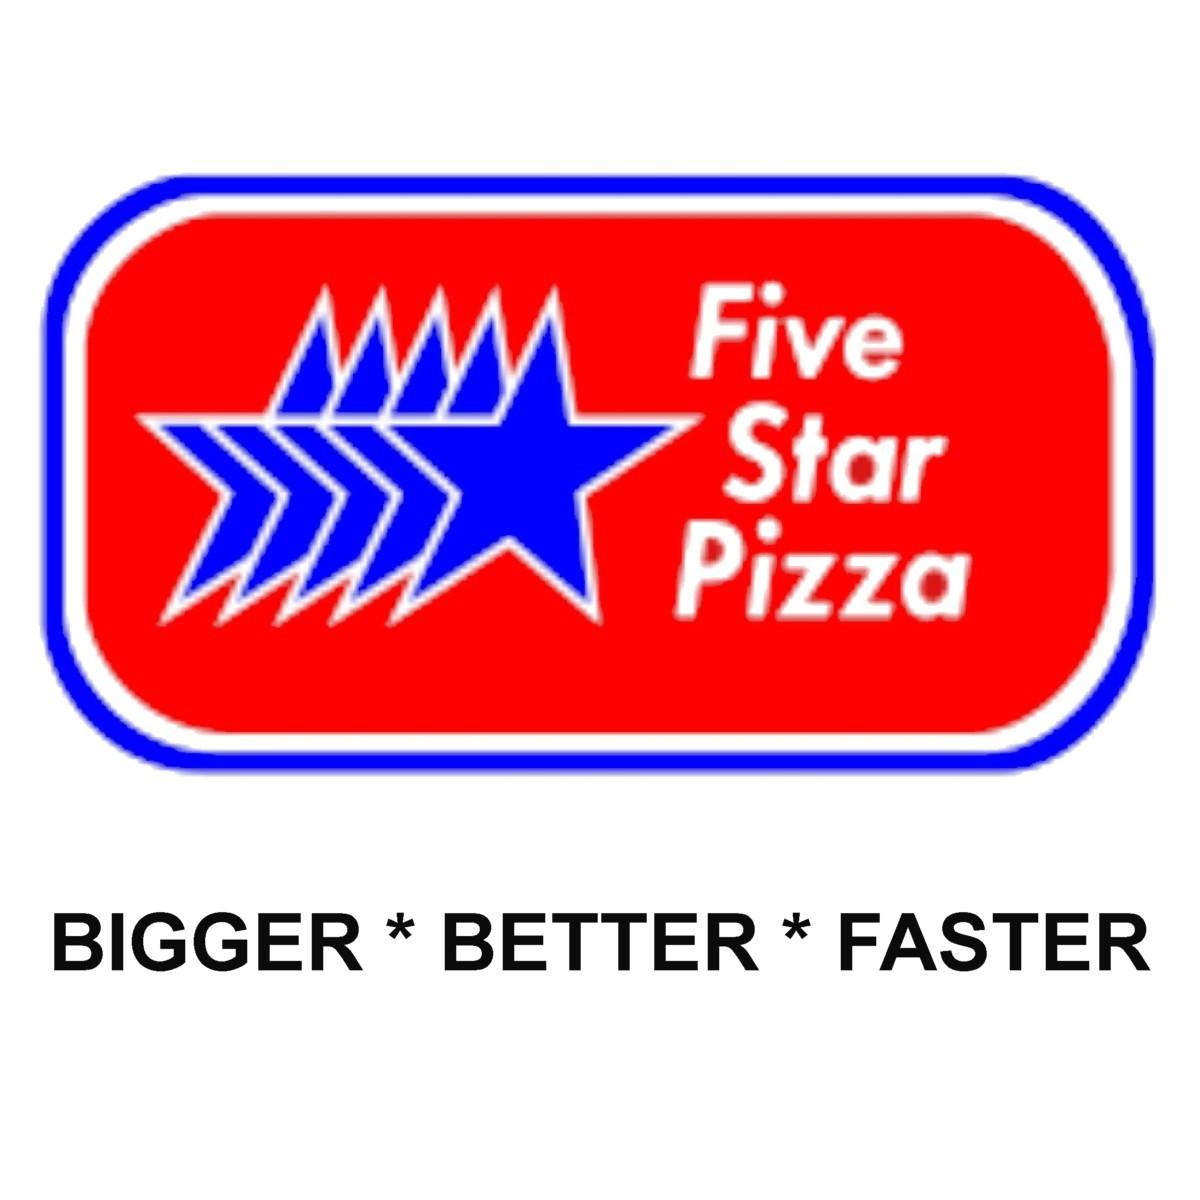 Restaurant in FL Palm Coast 32137 Five Star Pizza 1224 Palm Coast Pkwy SW  (386)246-9699